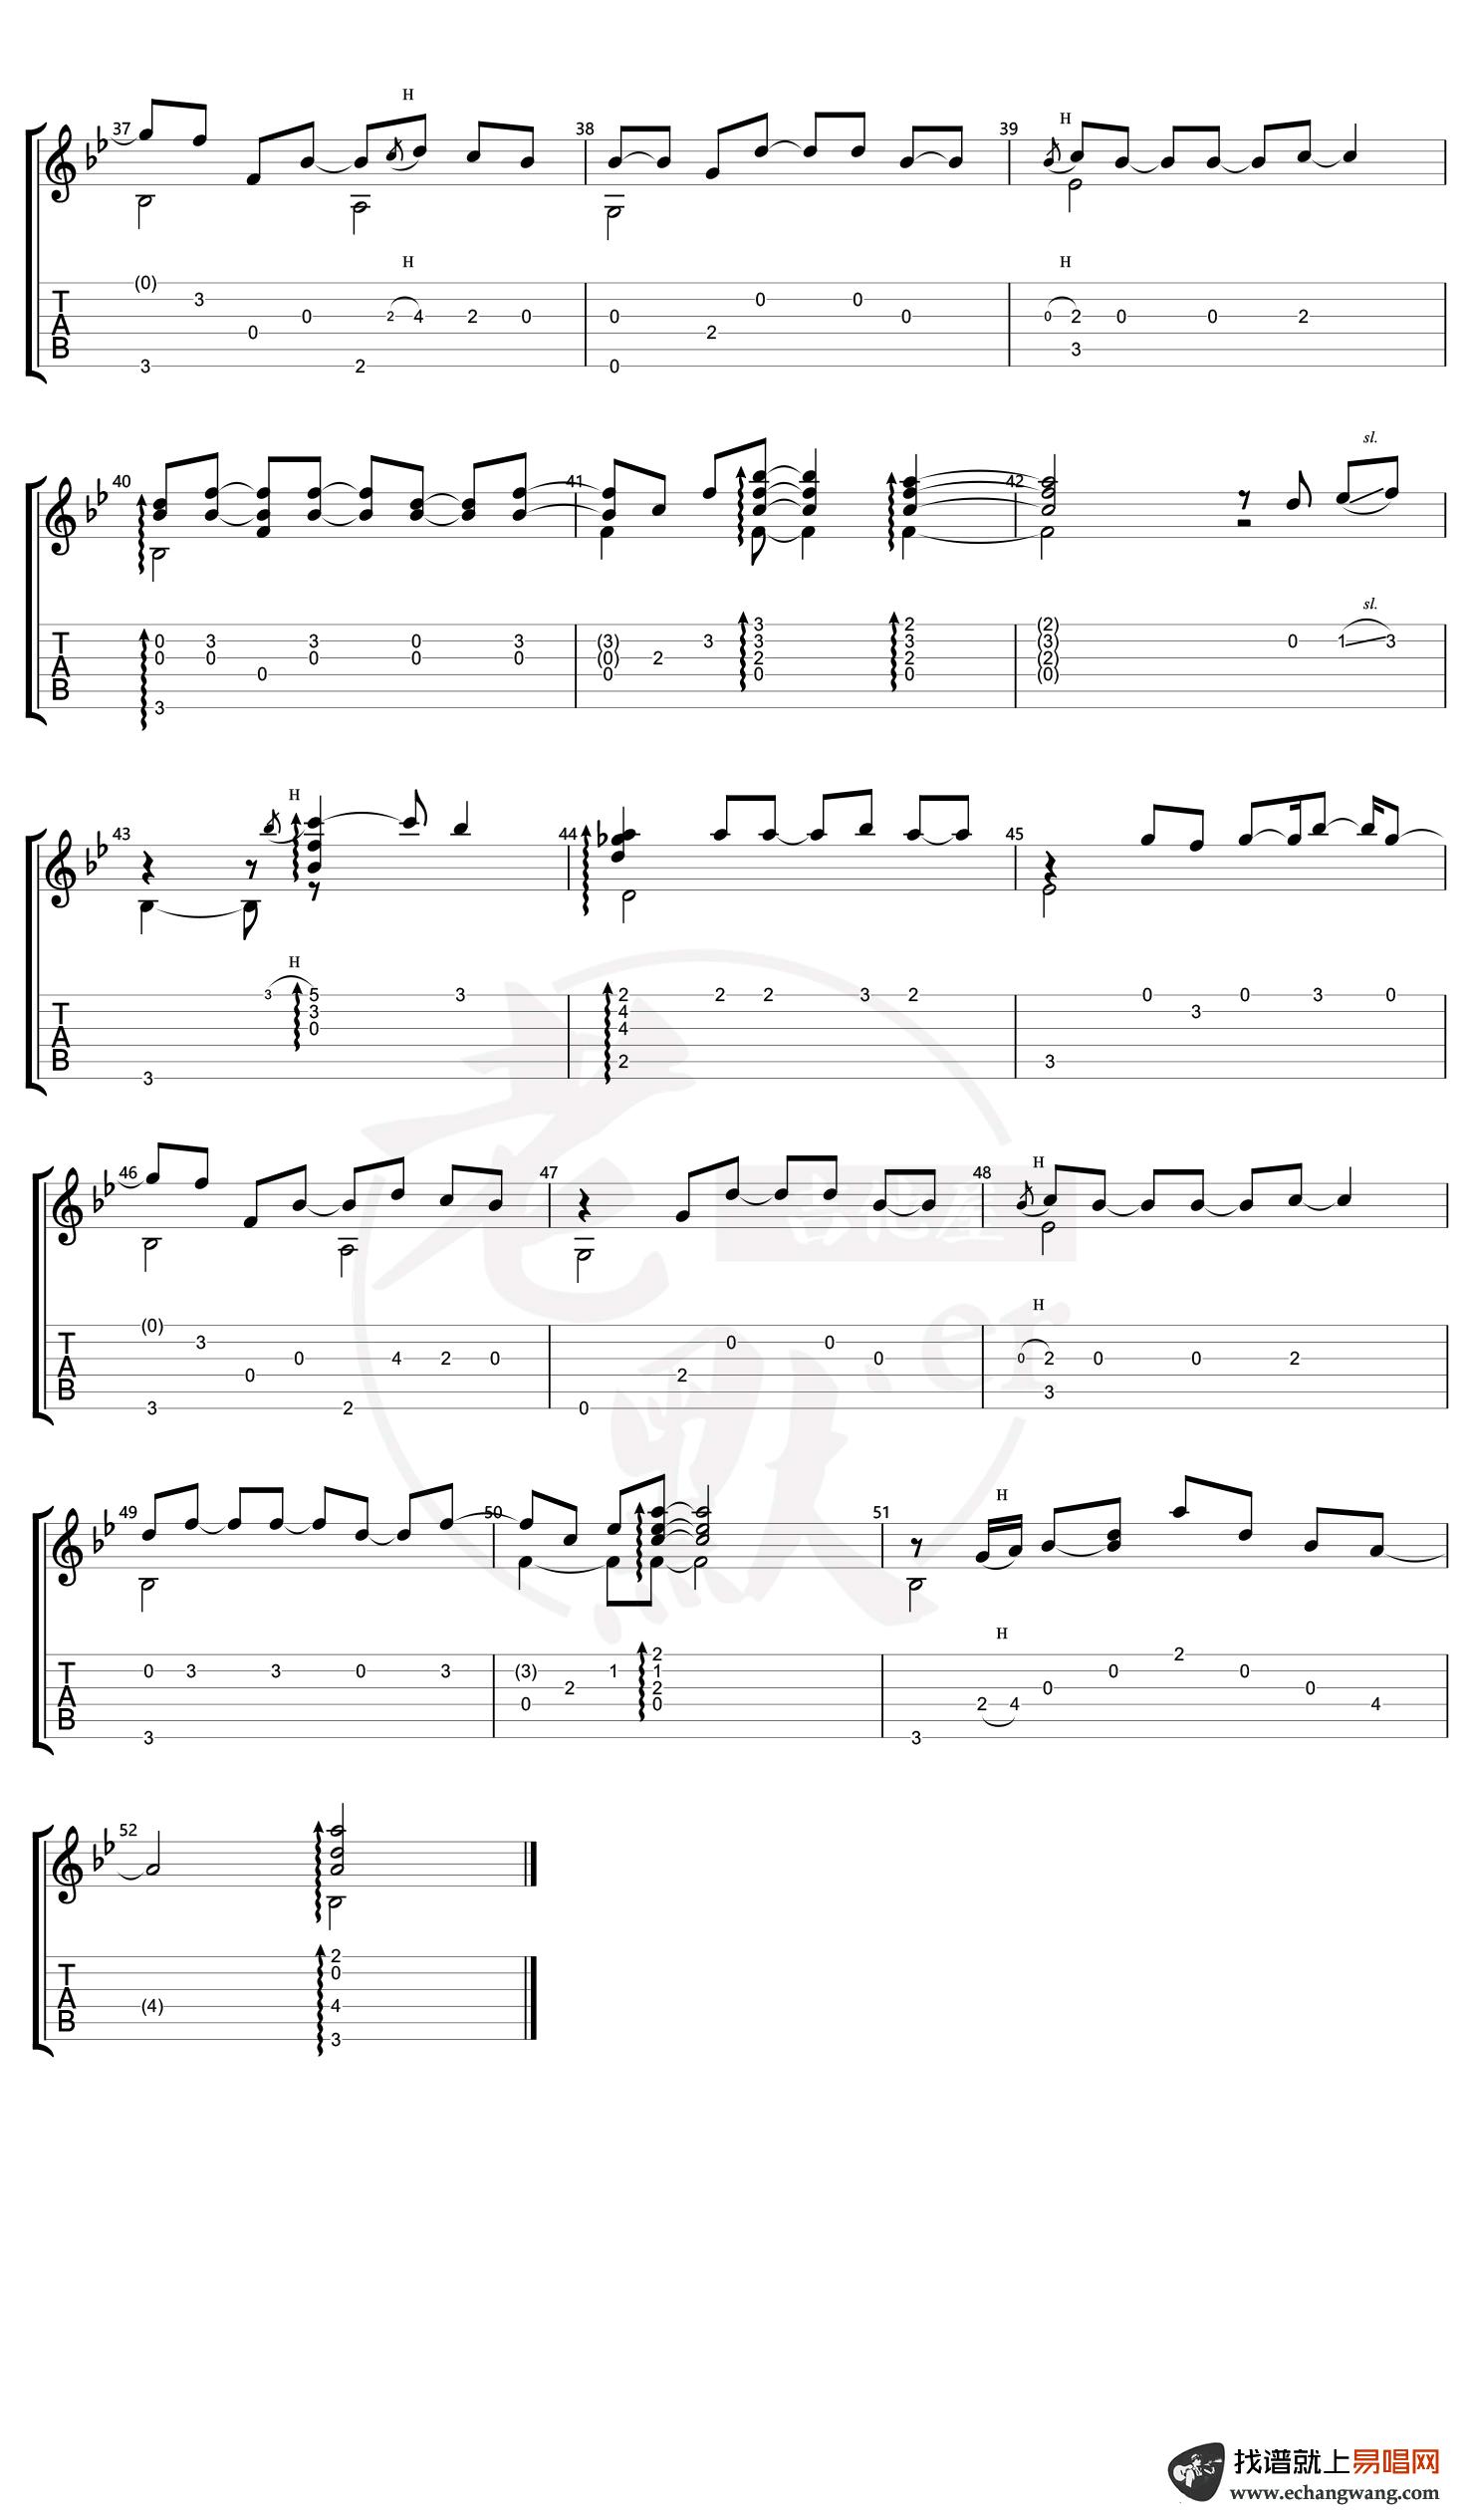 双门洞 惠化洞指弹谱吉他谱 图3